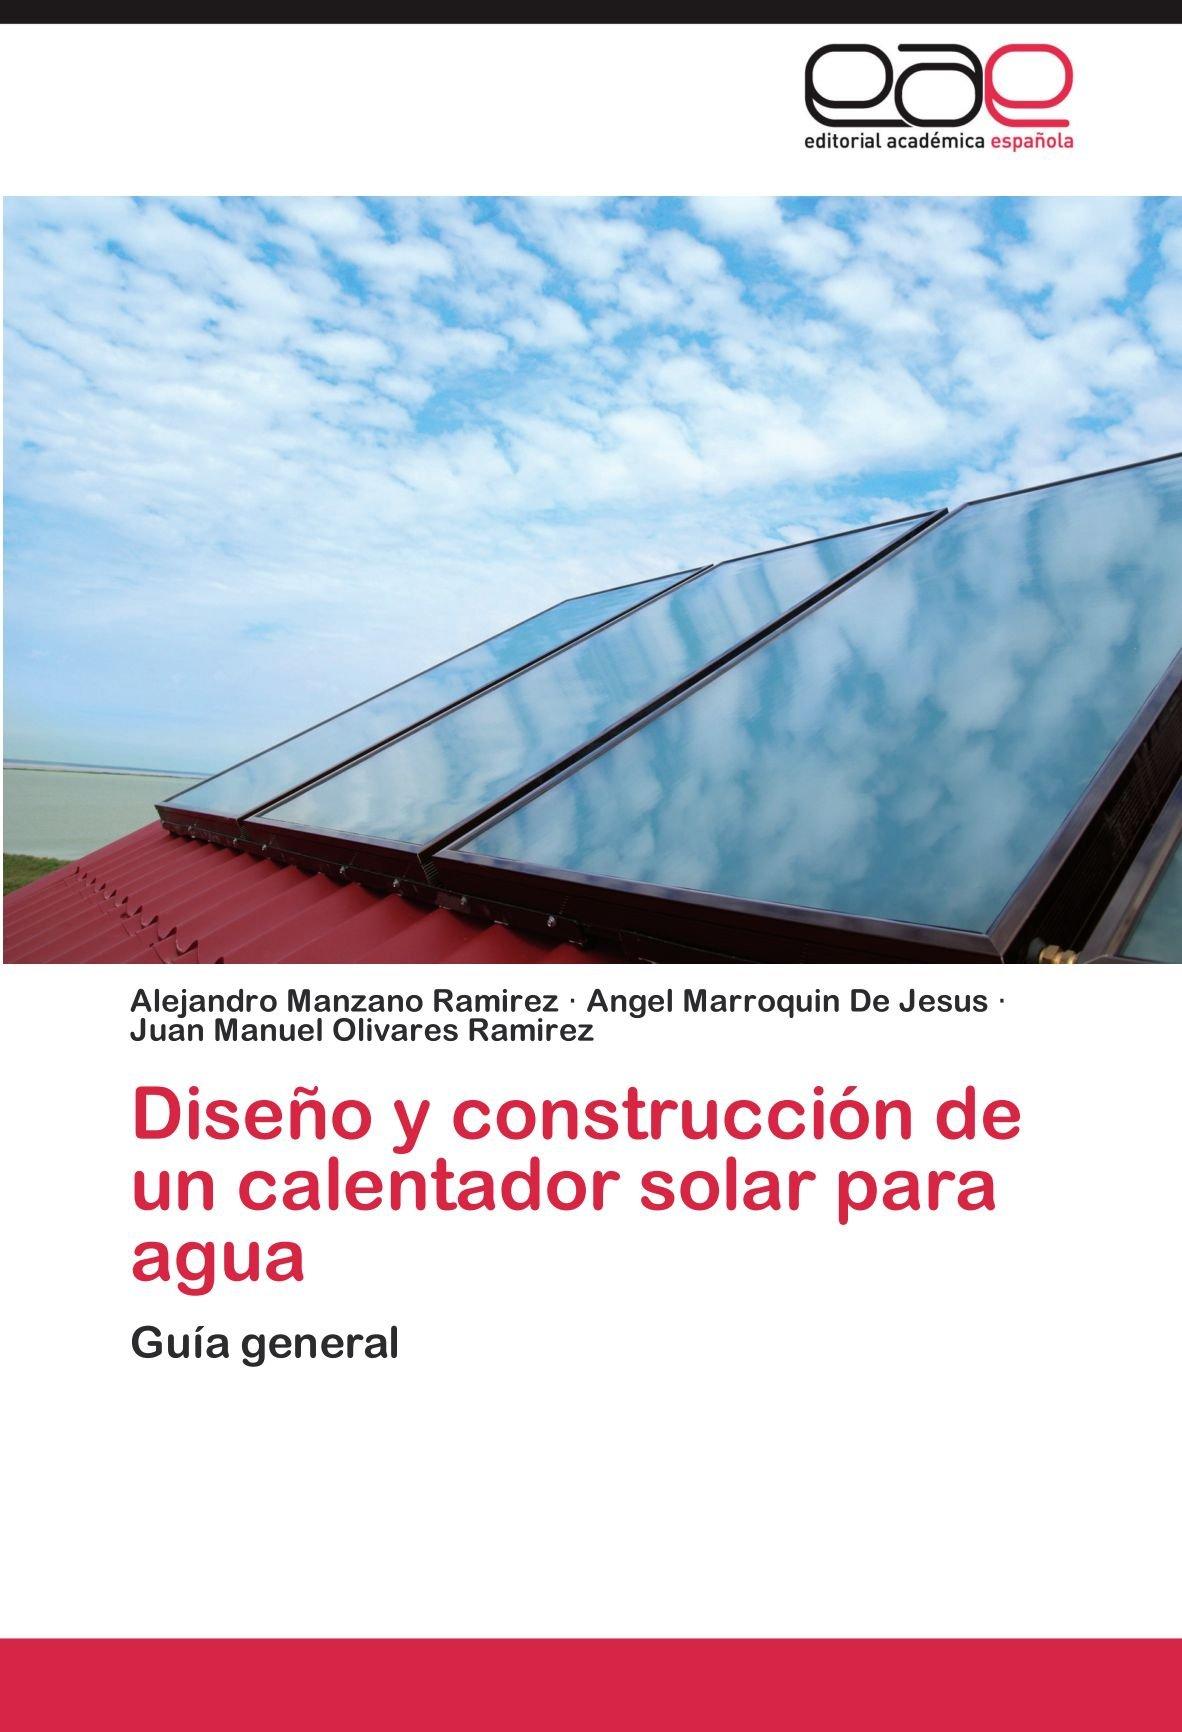 Diseño y construcción de un calentador solar para agua: Amazon.es: Manzano Ramirez Alejandro, Marroquin De Jesus Angel, Olivares Ramirez Juan Manuel: Libros